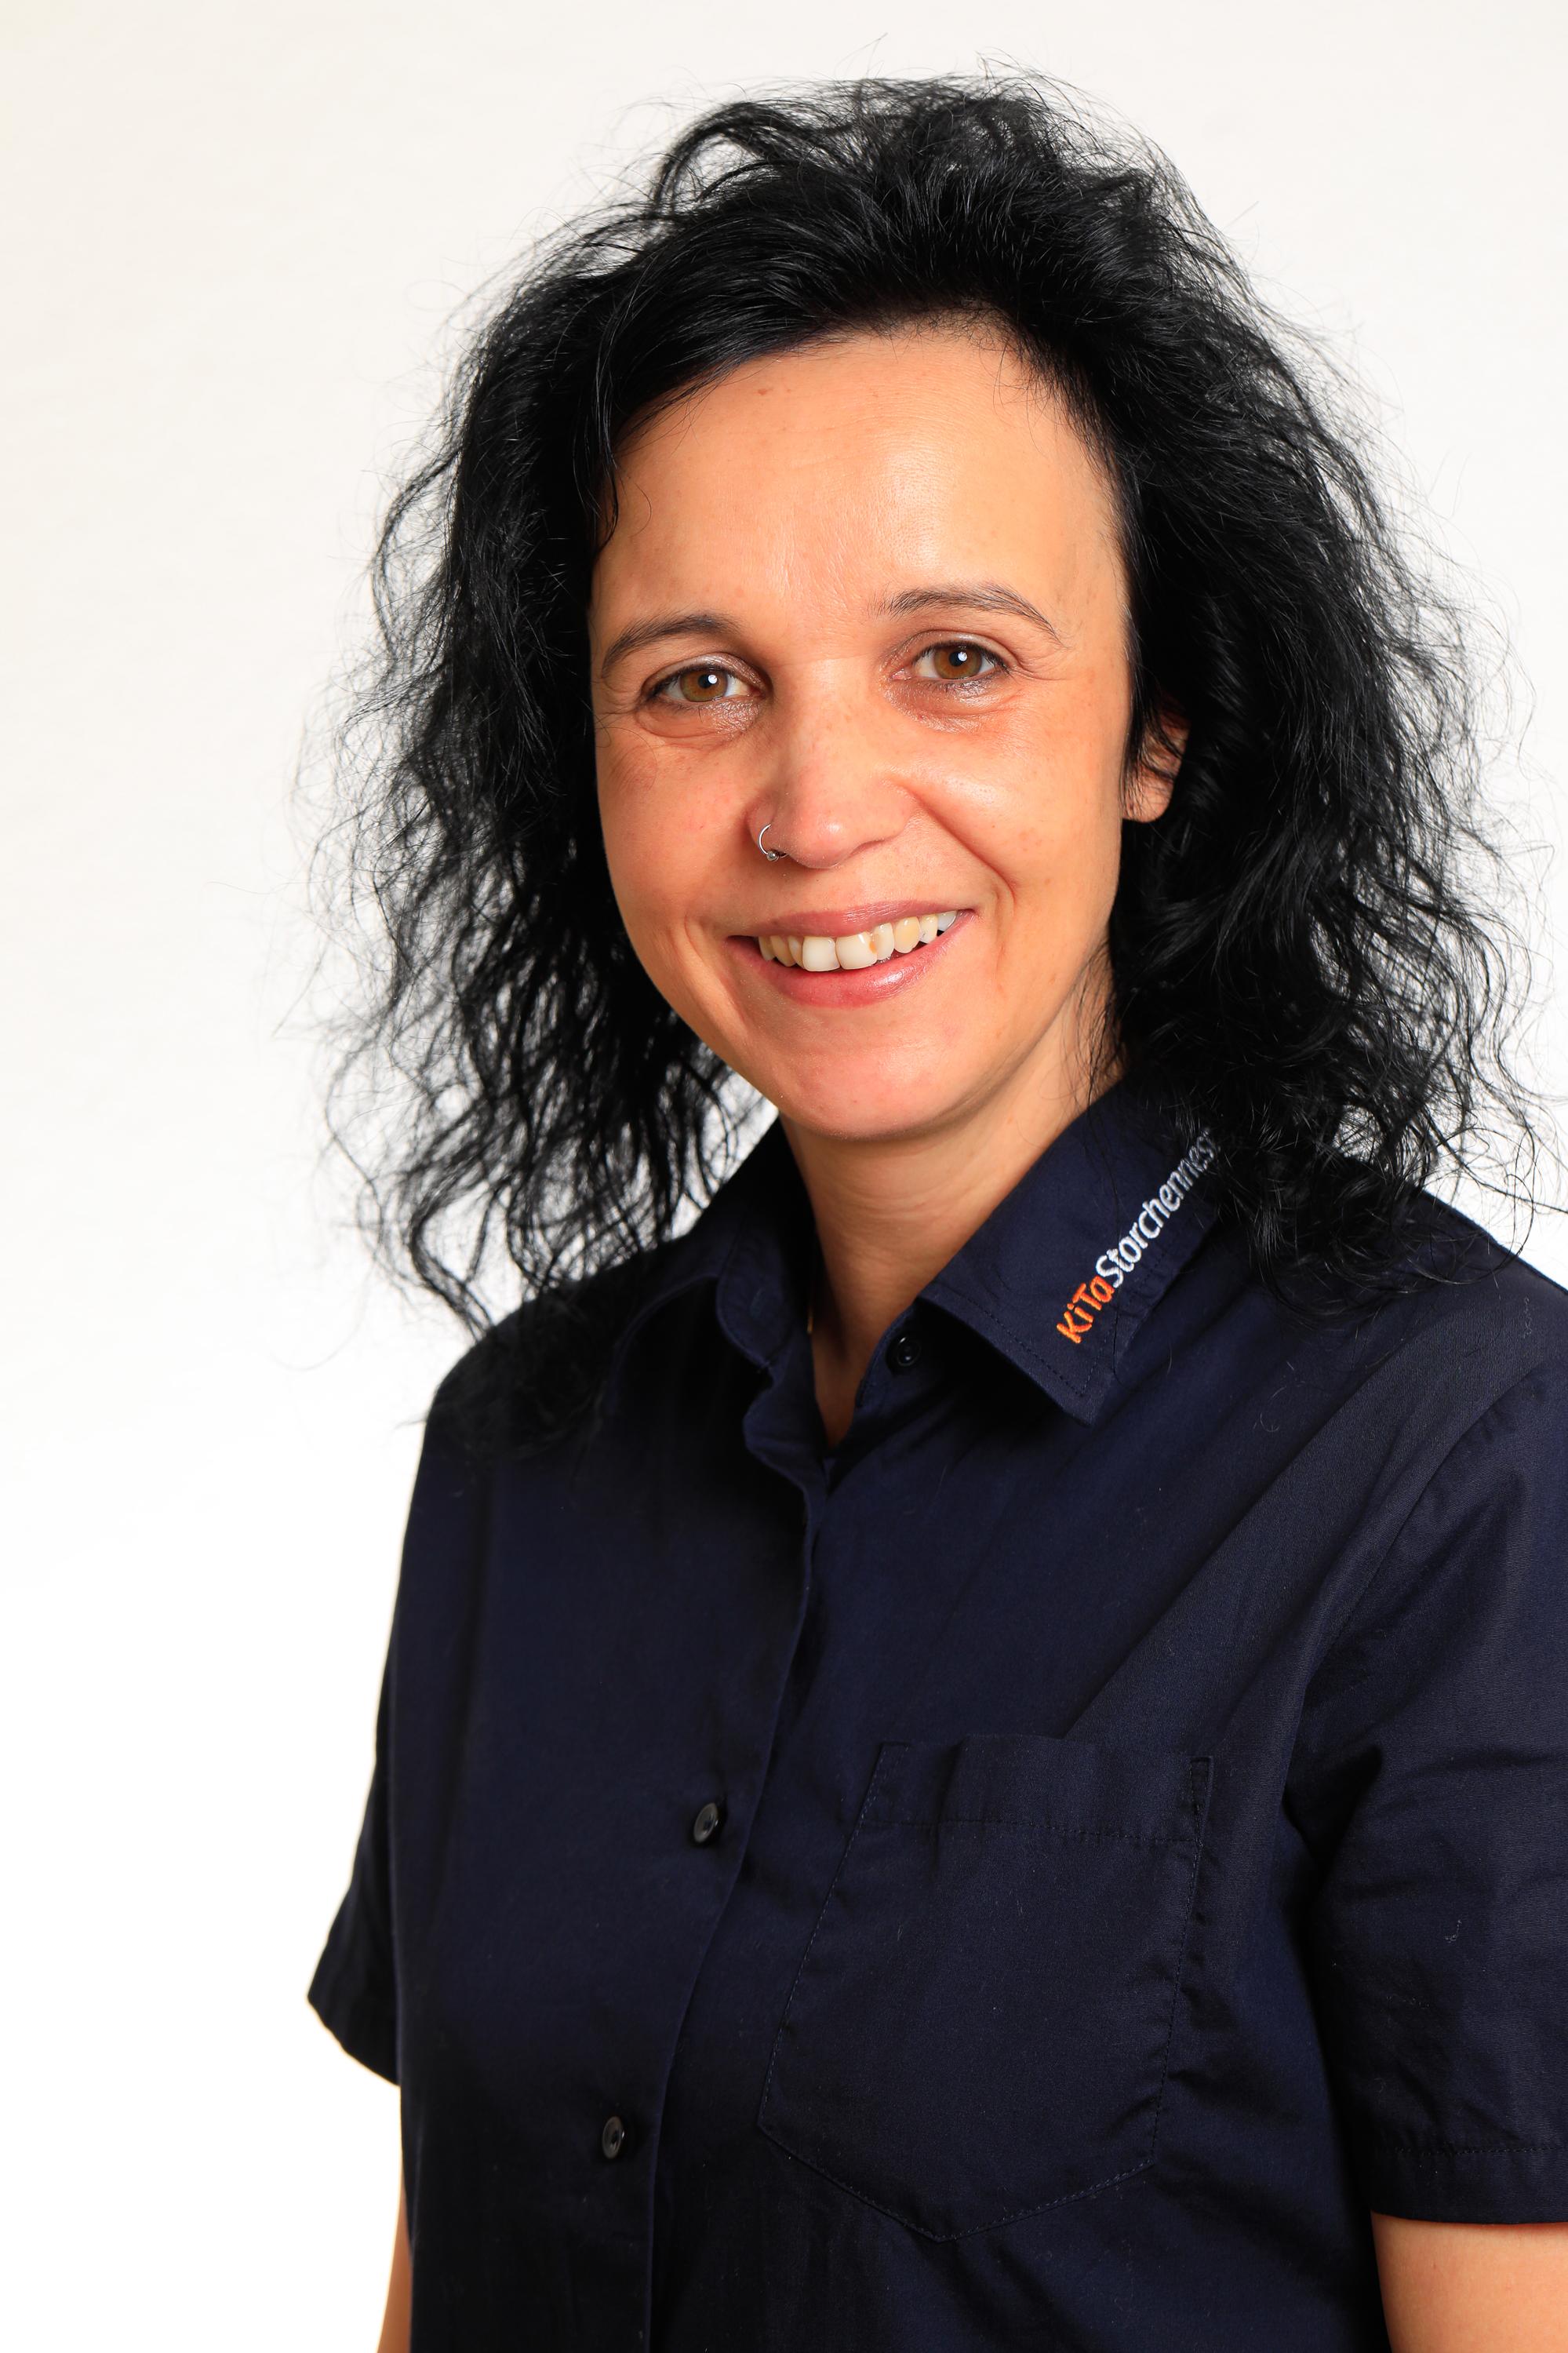 Manuela Kilchenmann